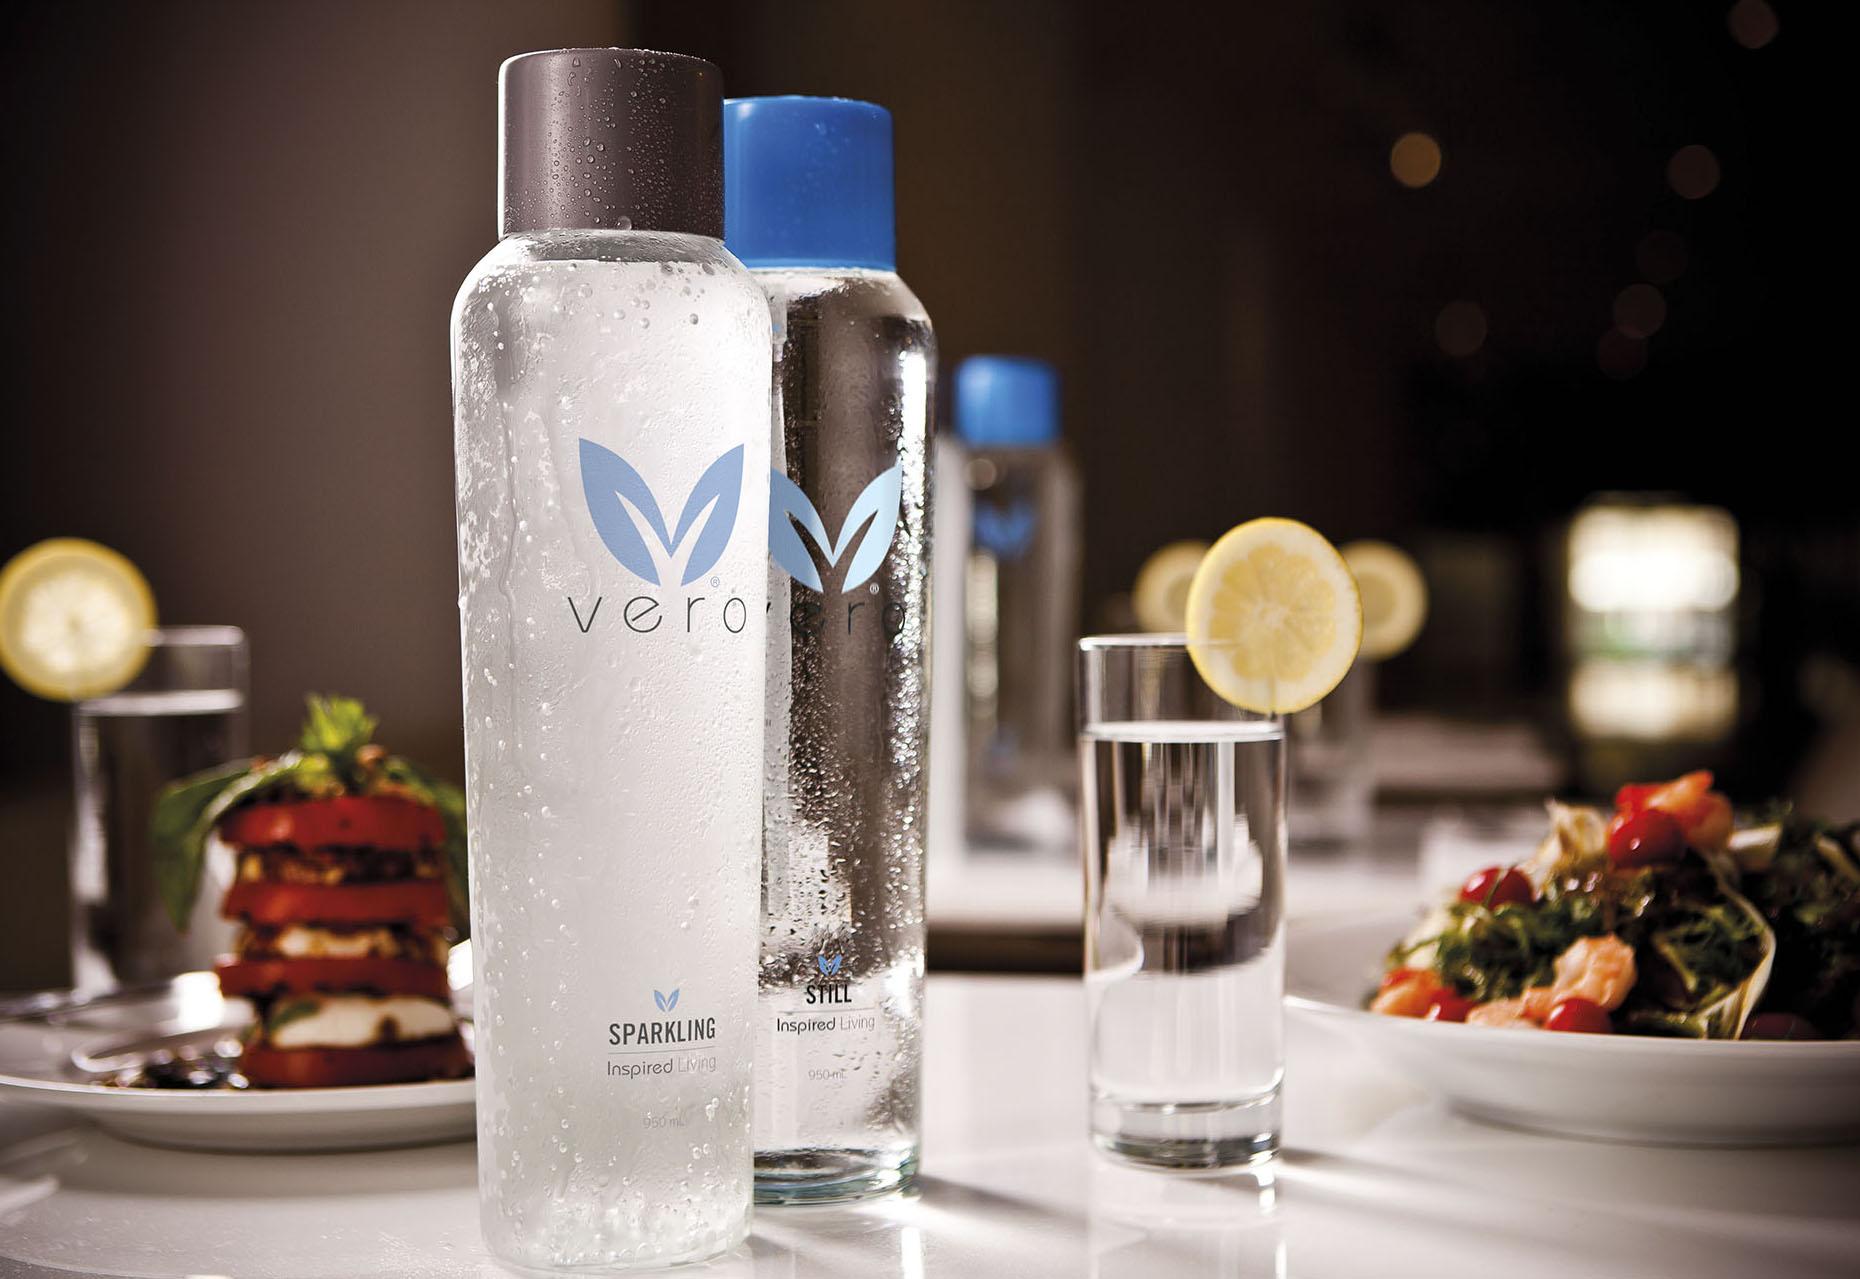 8676-Vero-Bottles-on-table.jpg